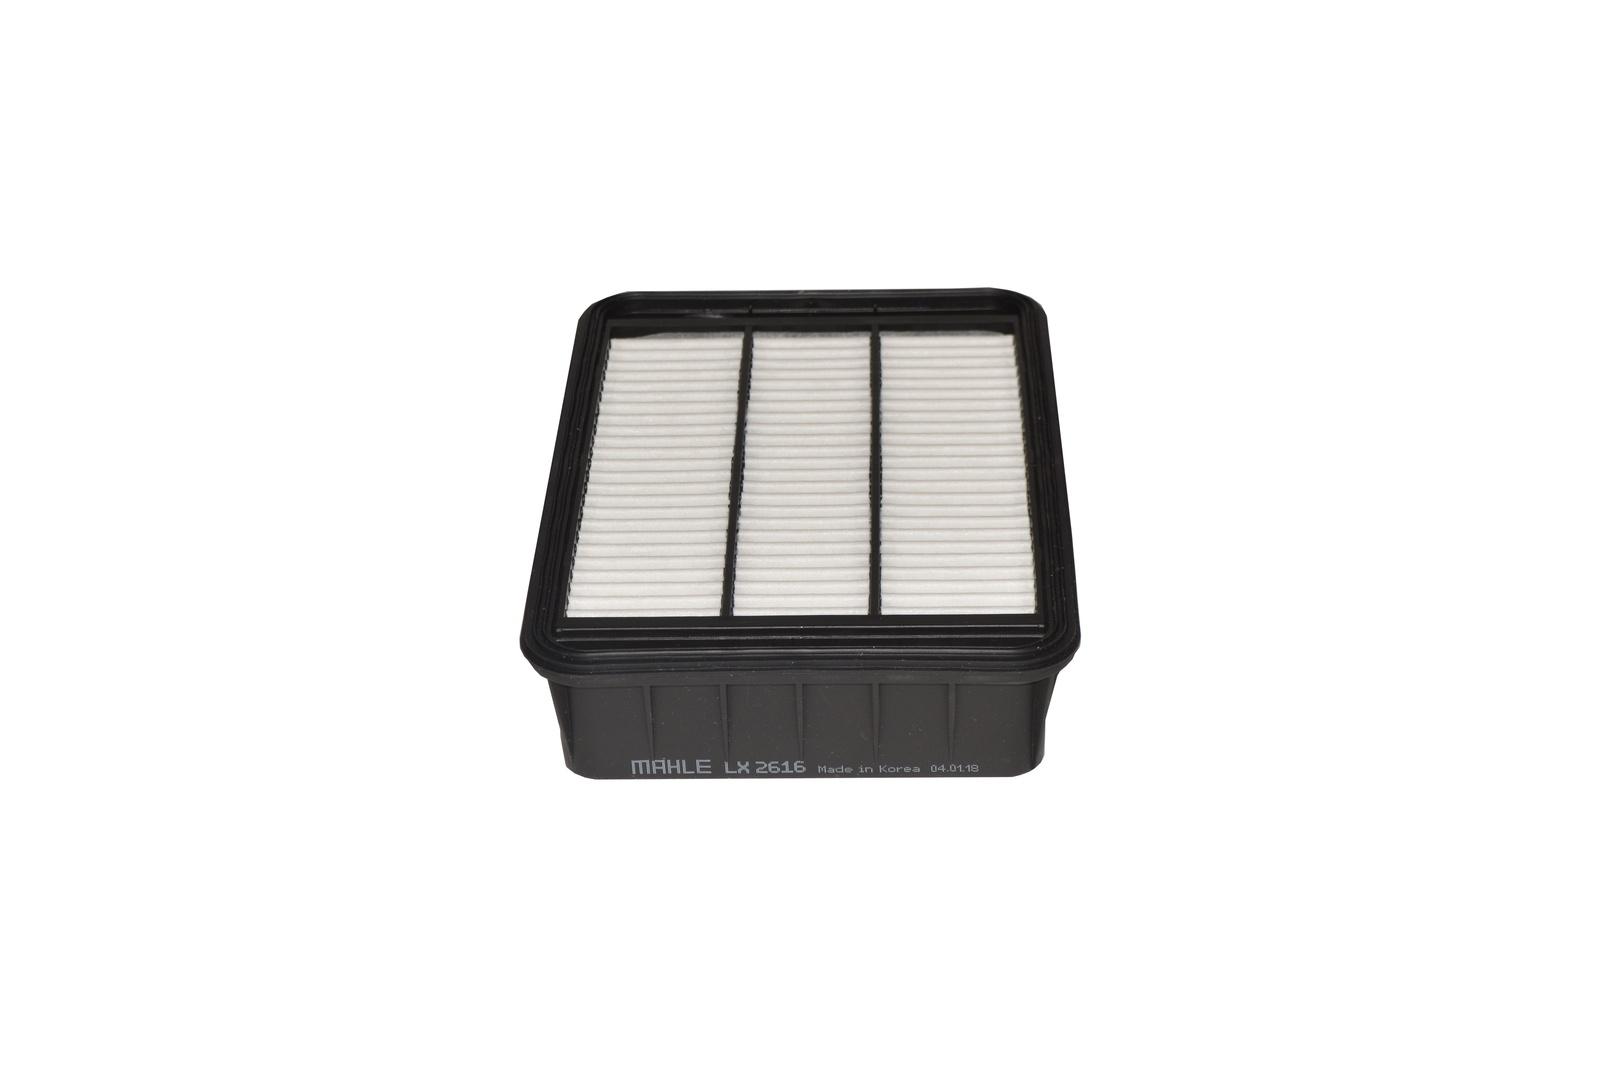 цена на Воздушный фильтр Mahle ORIGINAL LX2616